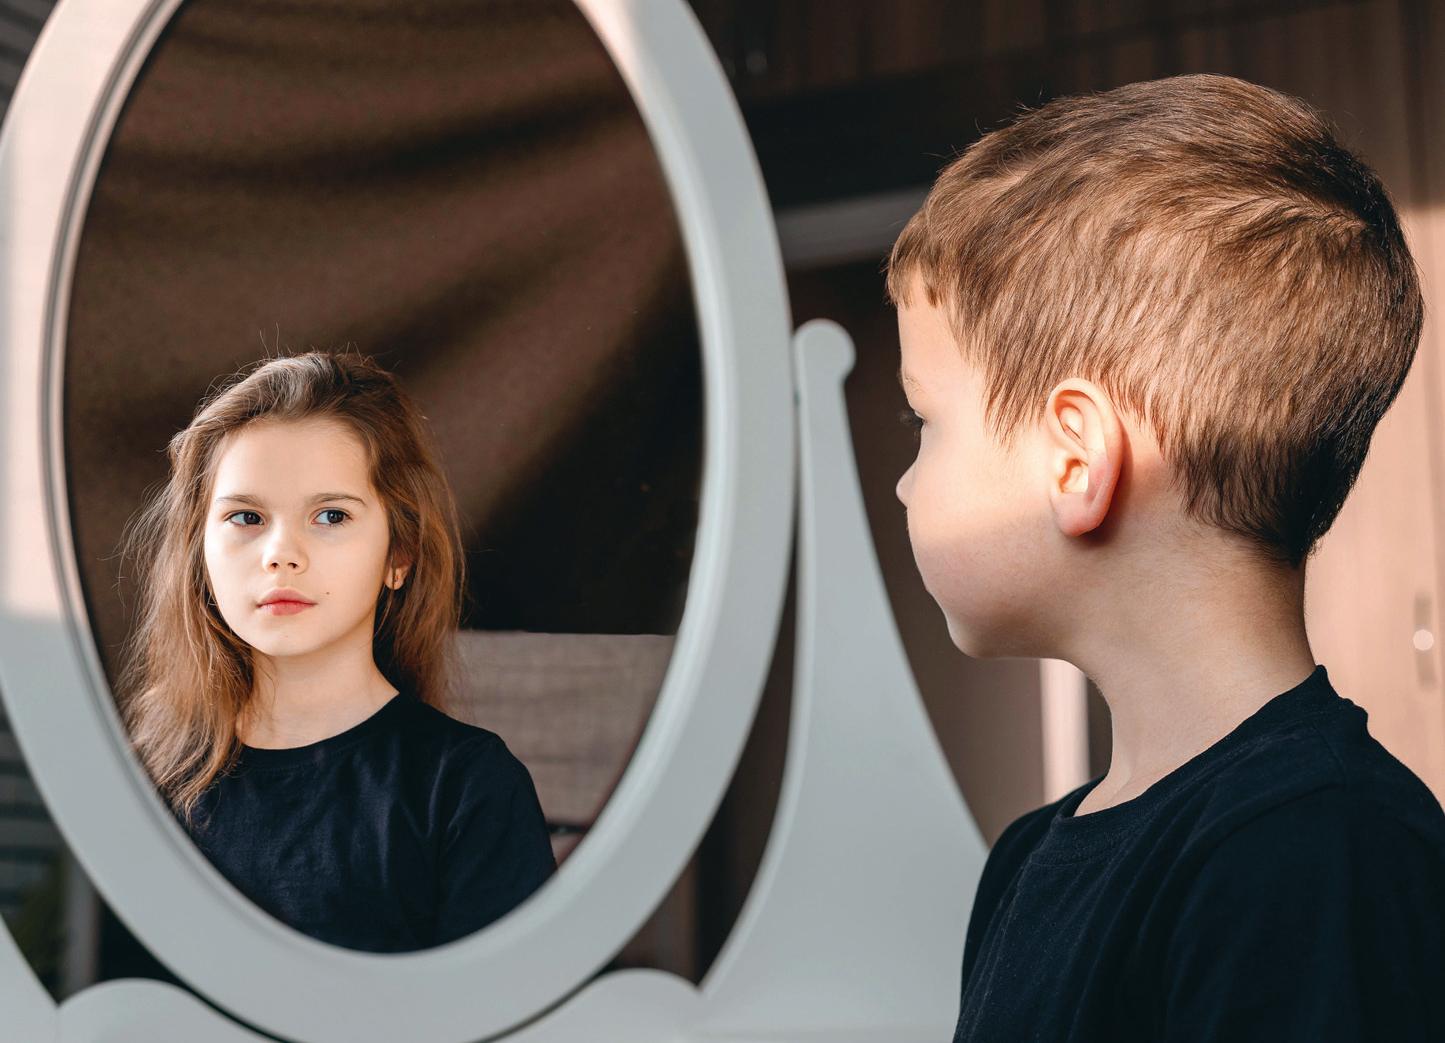 Frau mann bin zu test ich transgender Bin ich